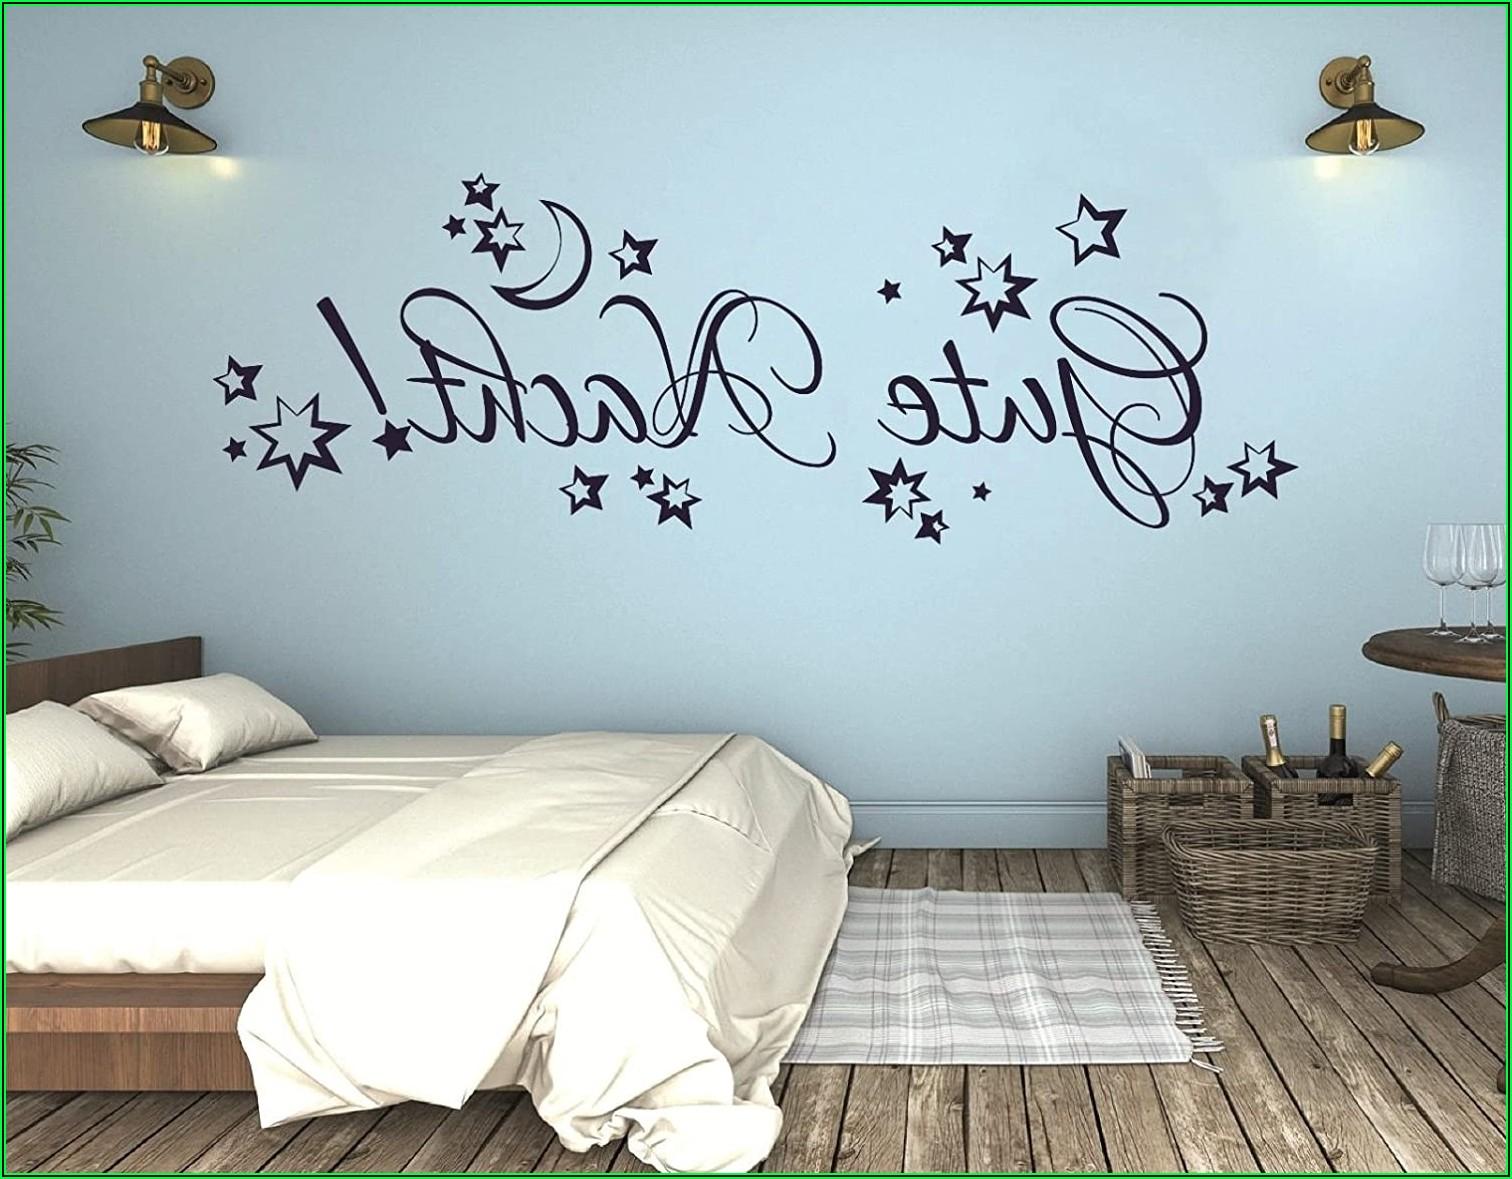 Wandtattoo Kinderzimmer über Bett